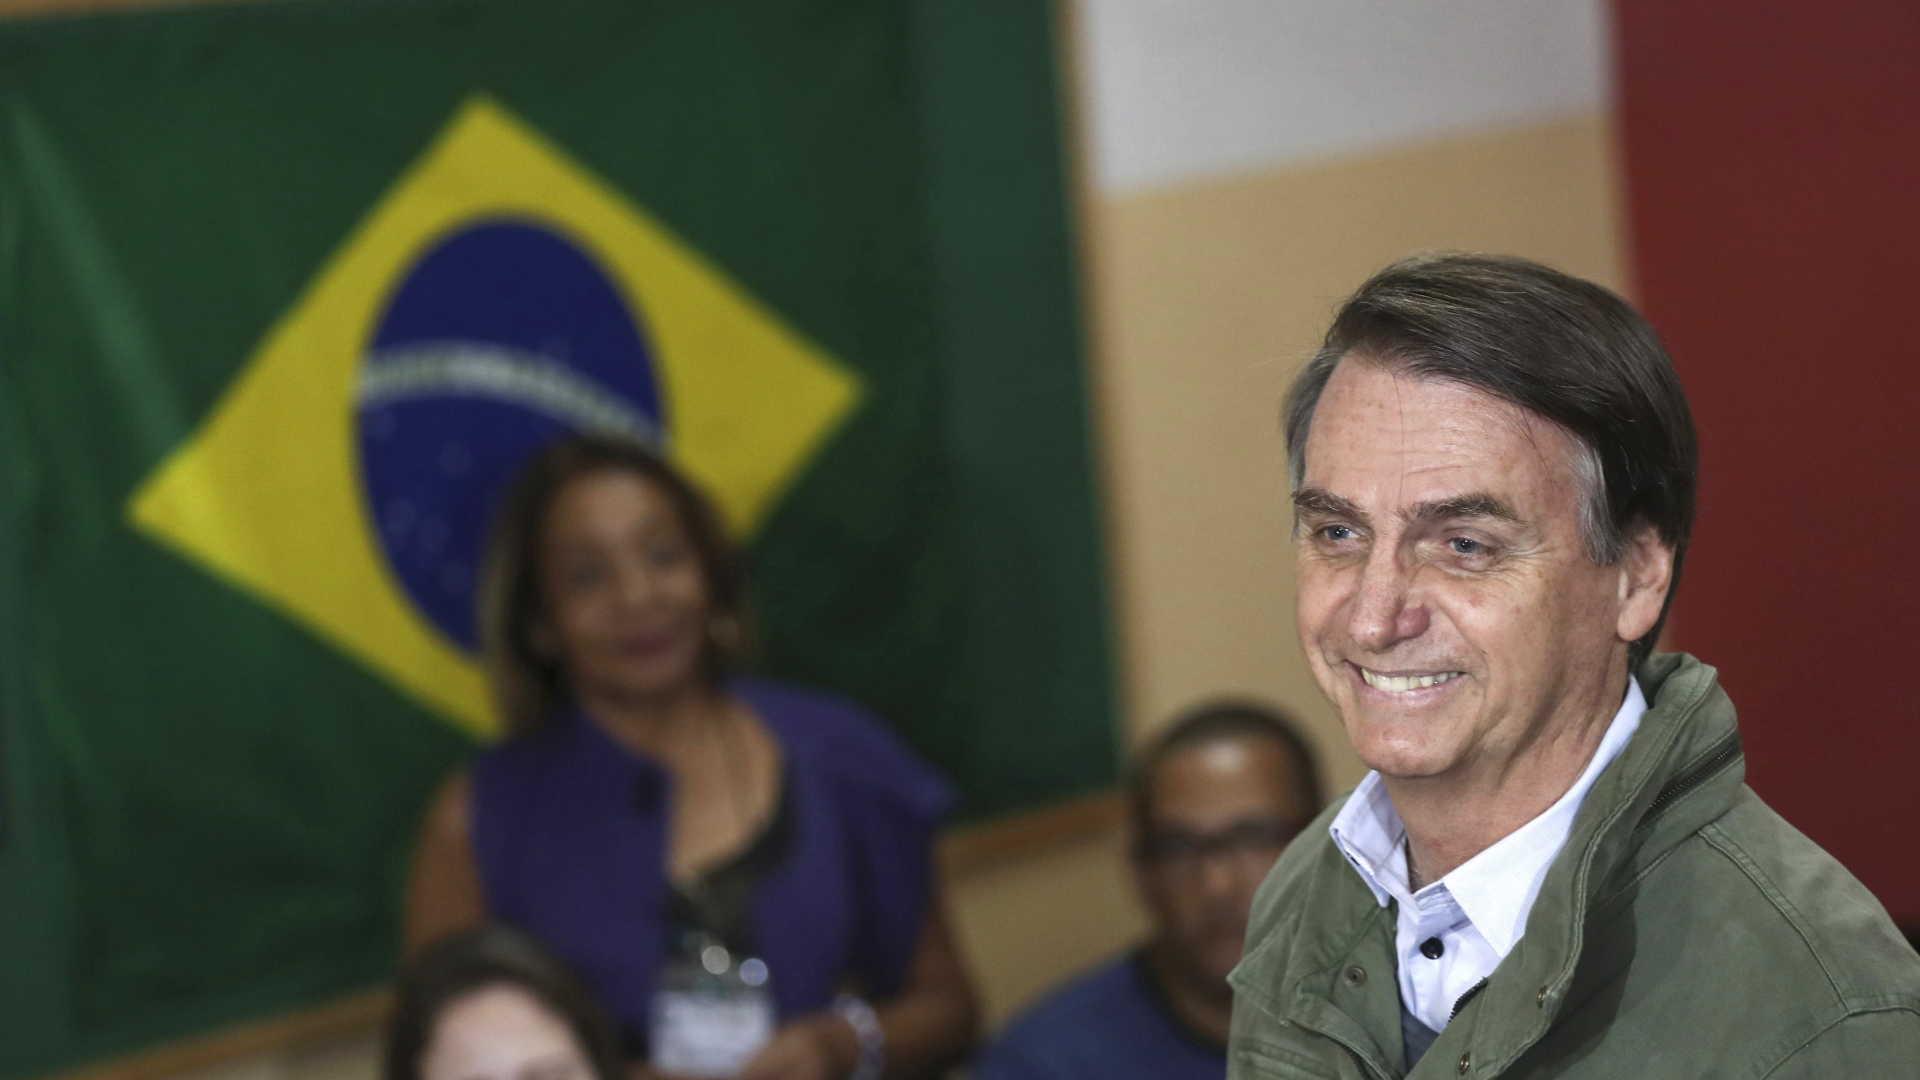 - Bolsonaro - Bolsonaro ameaça cortar relações diplomáticas com Cuba